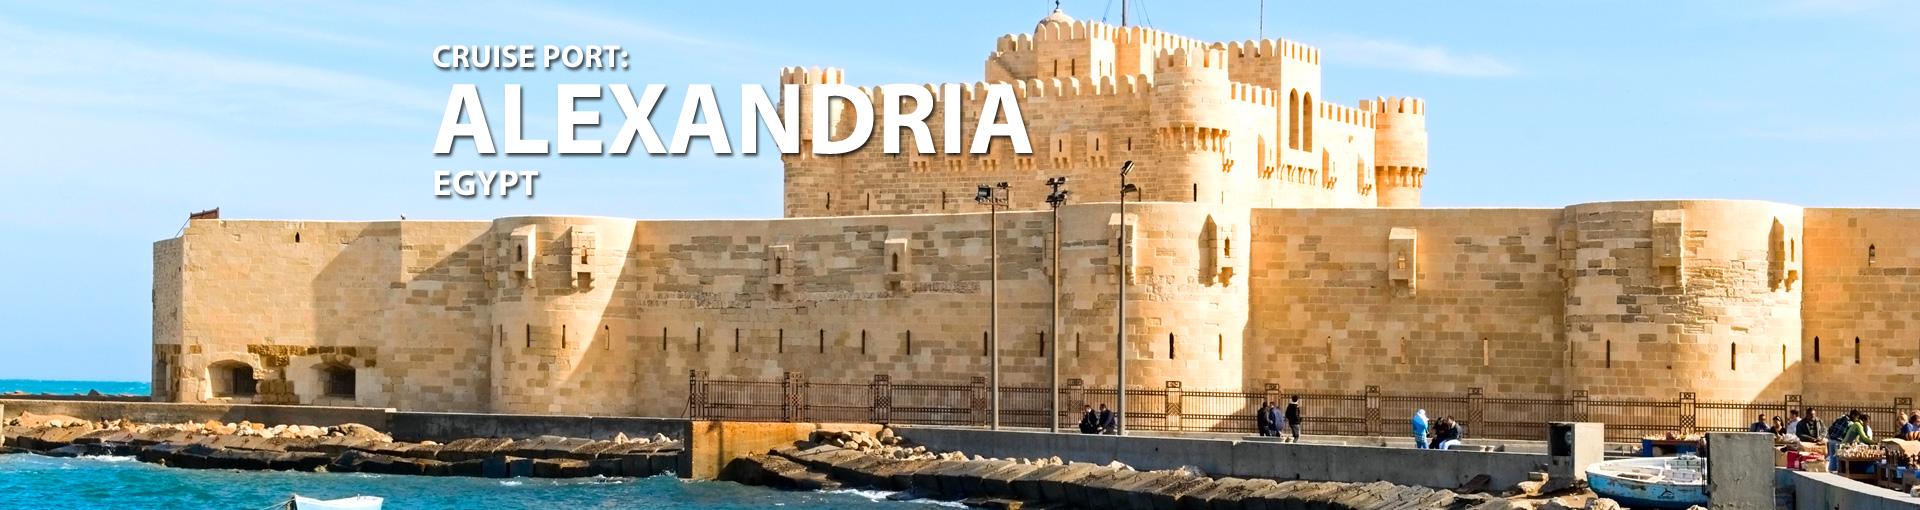 Cruises to Alexandria, Egypt